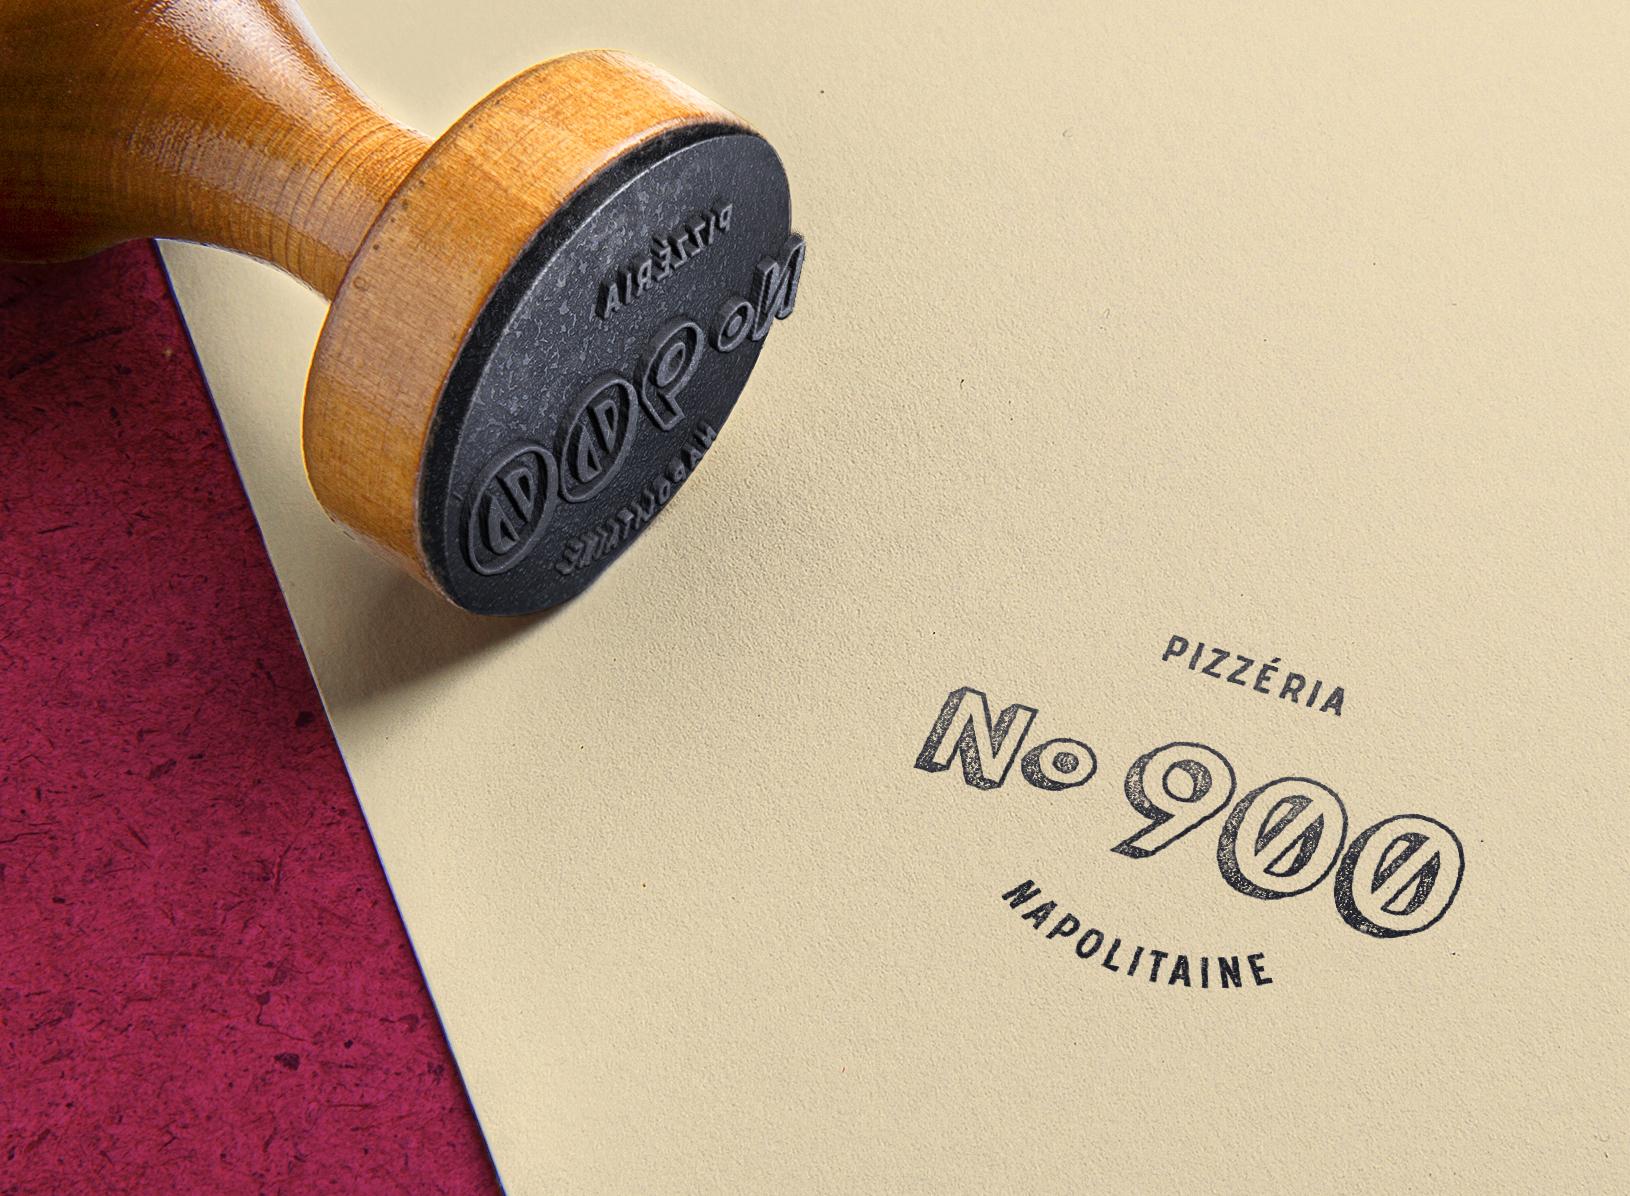 PIZZERIA No.900 / Étampe